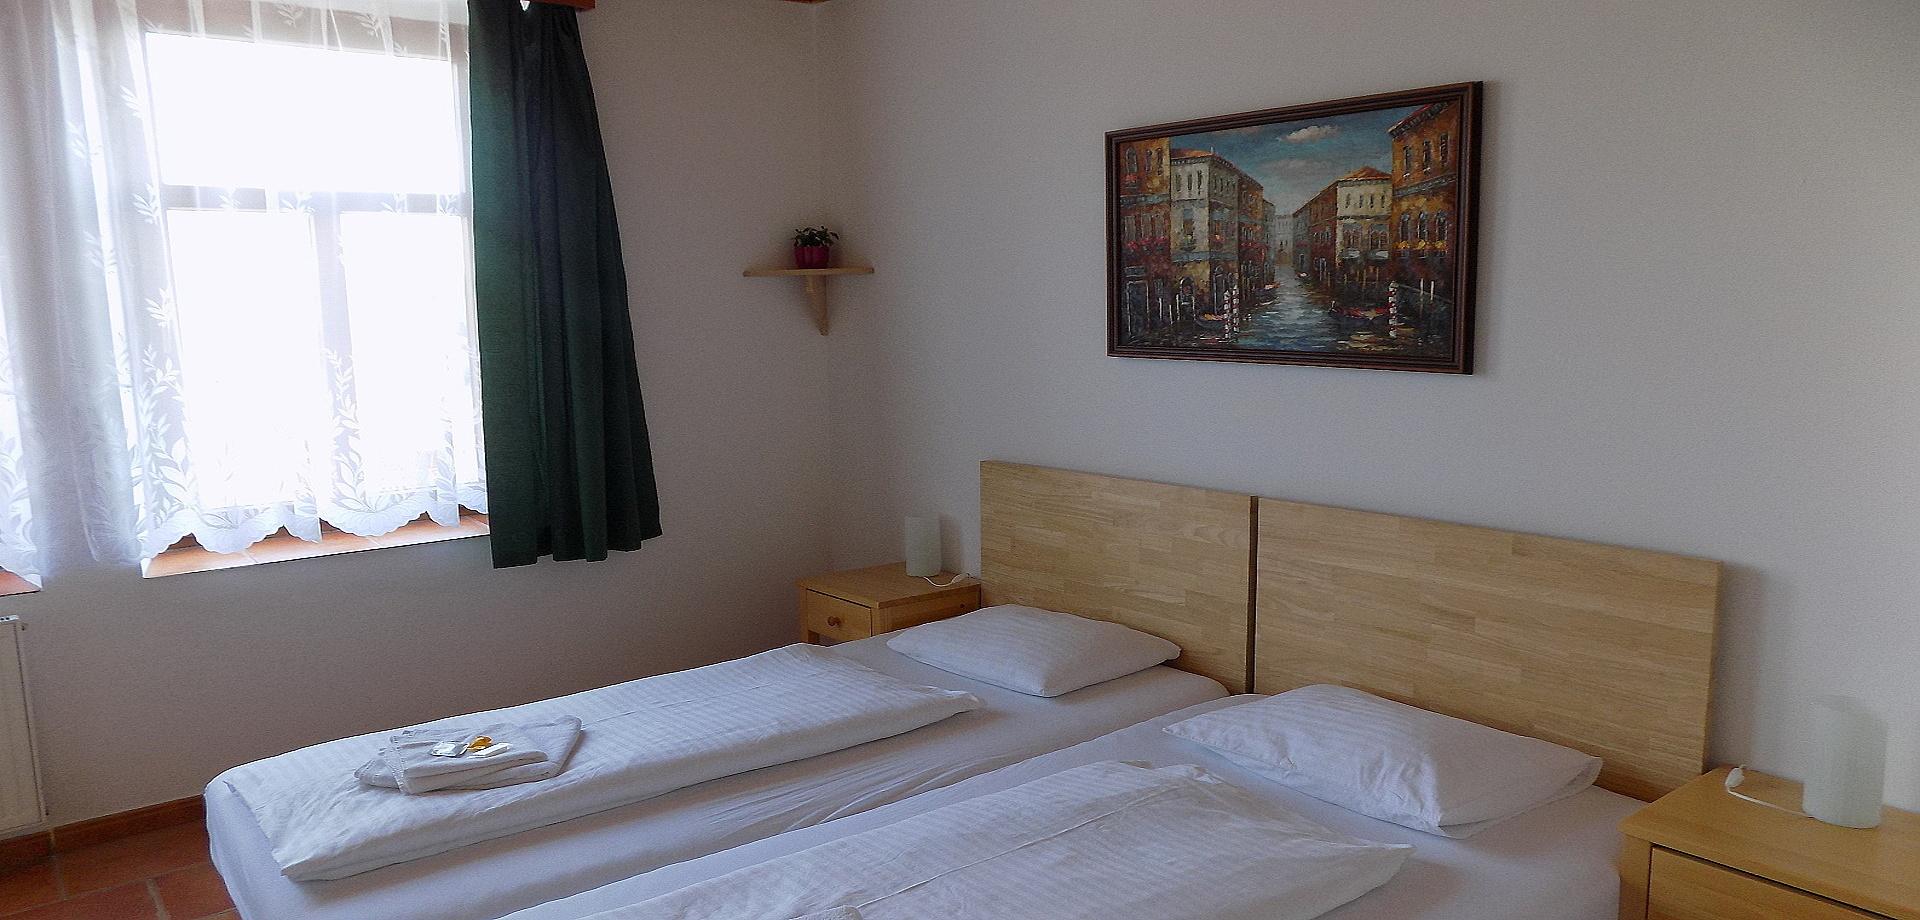 Hotel Kréta (3)